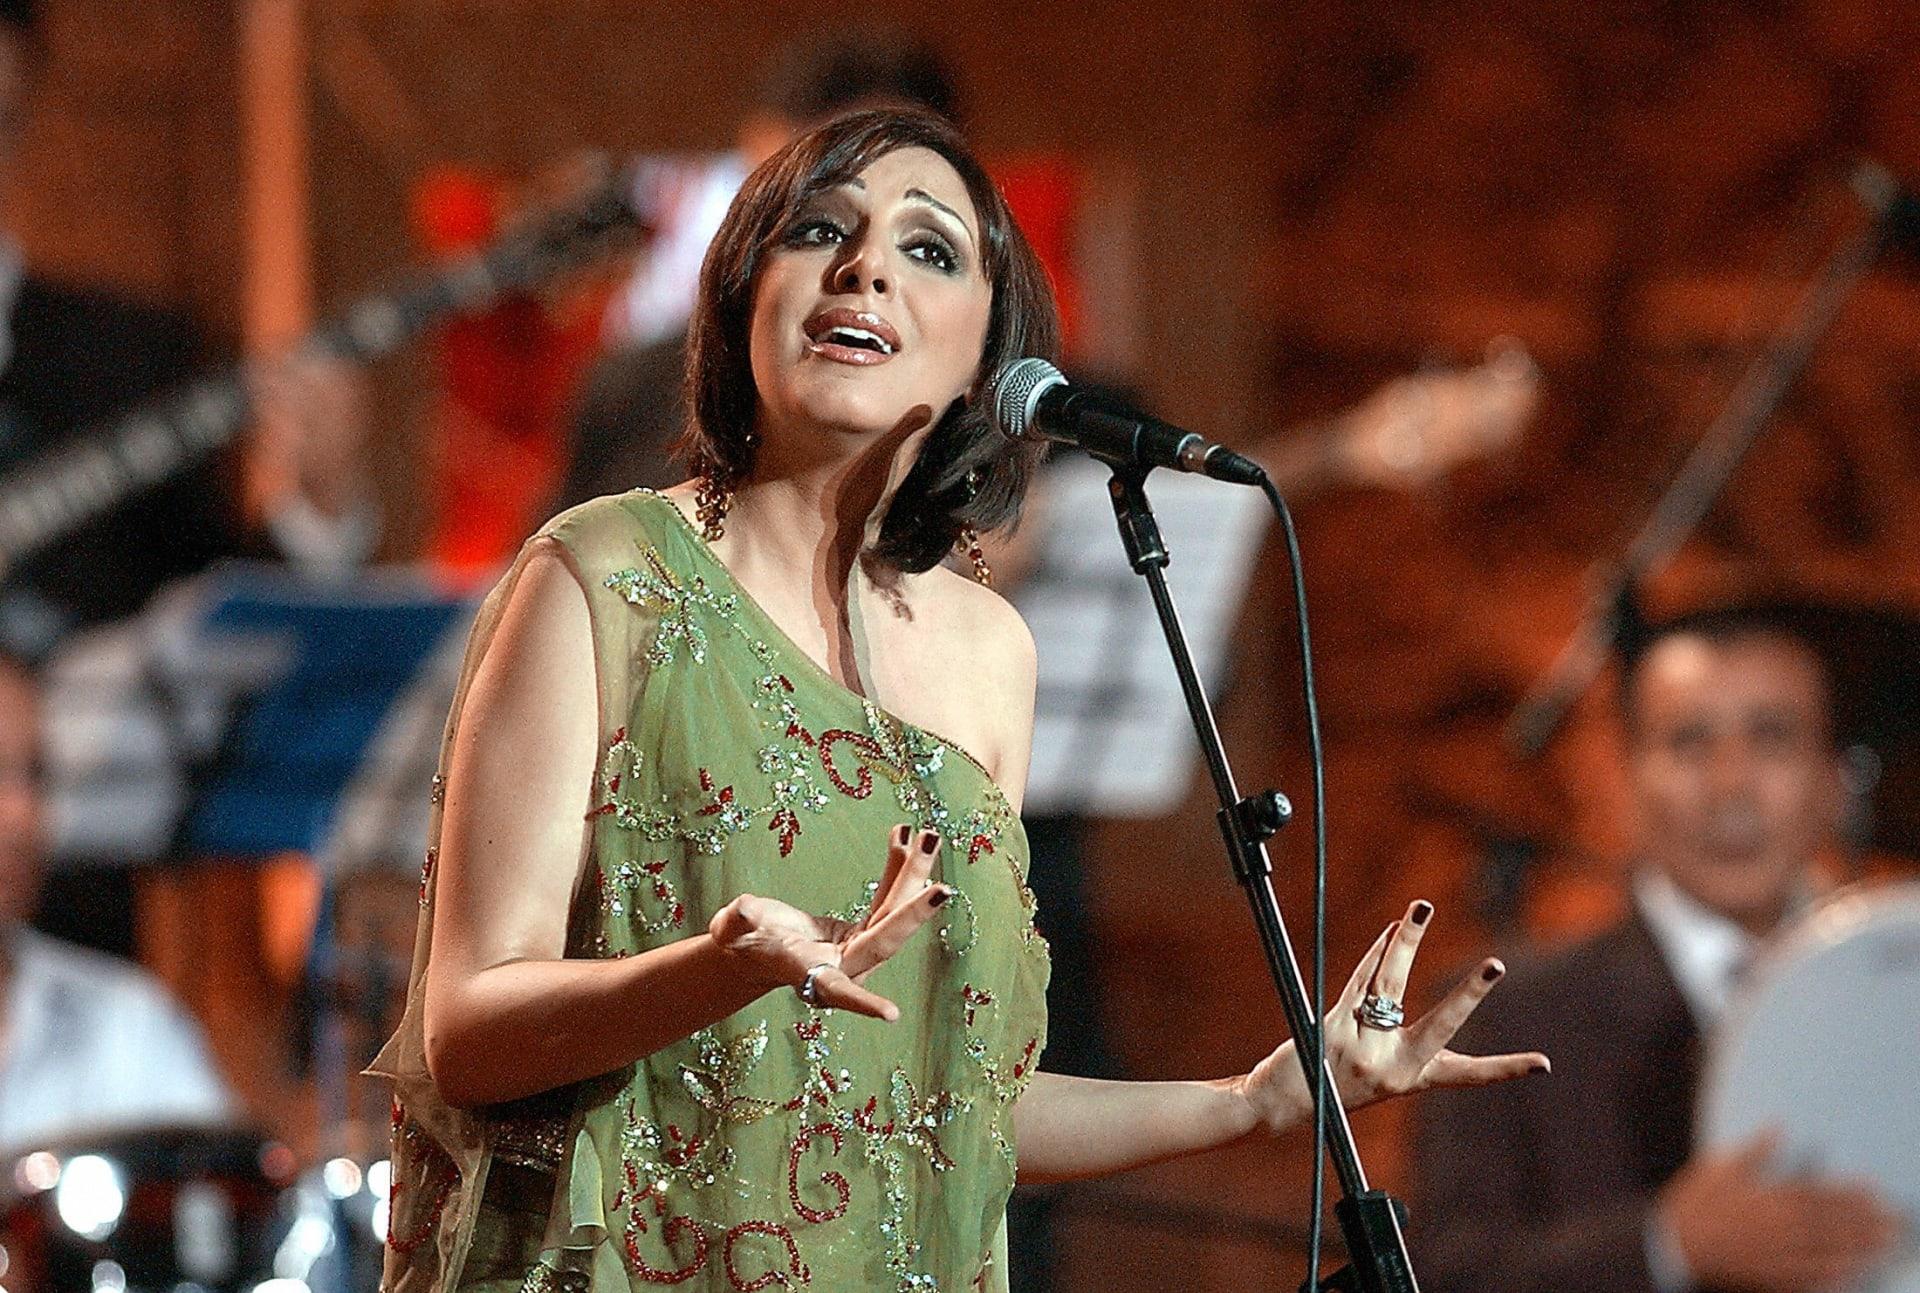 المغنية المصرية أنغام خلال مهرجان قرطاج الدولي